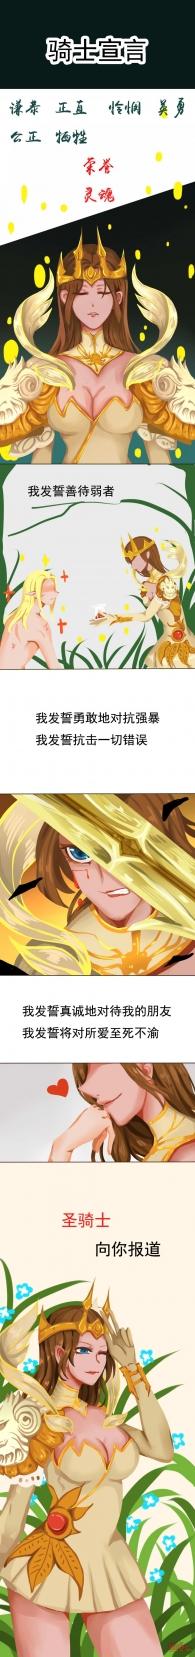 【大触团】【条漫】新职业圣骑士向你报道